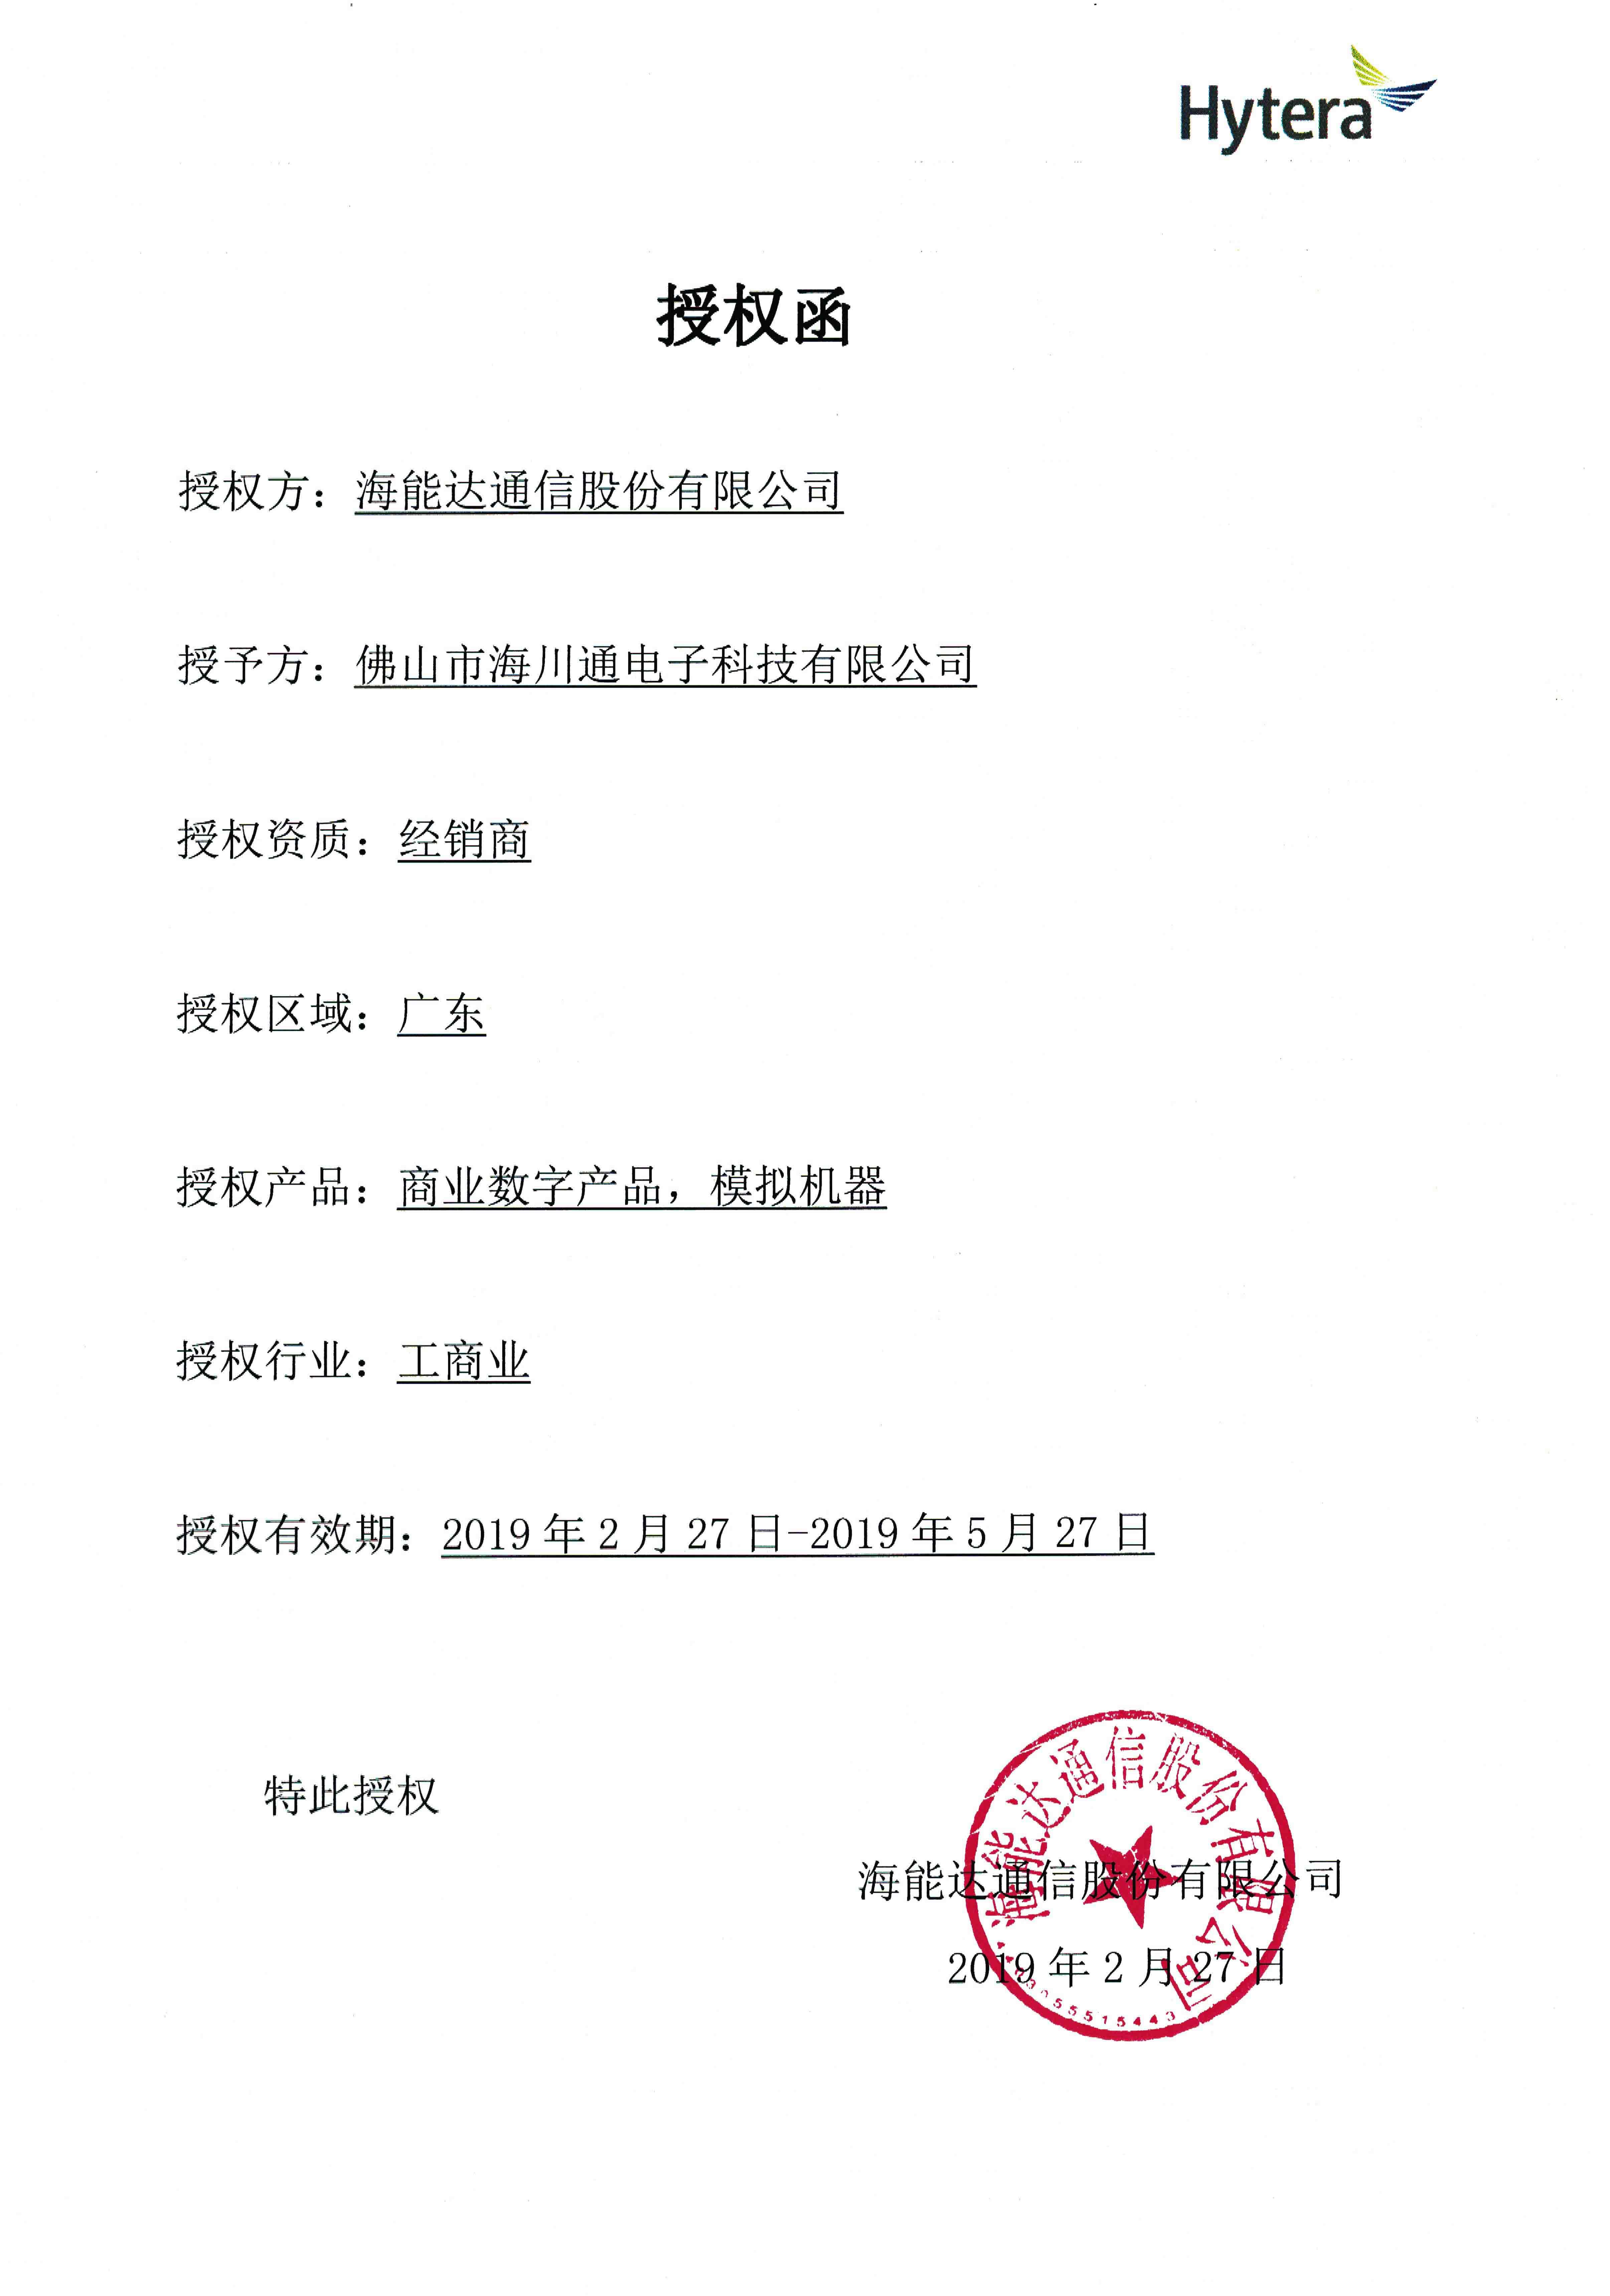 臨時經銷商證明2019.2-2019-5